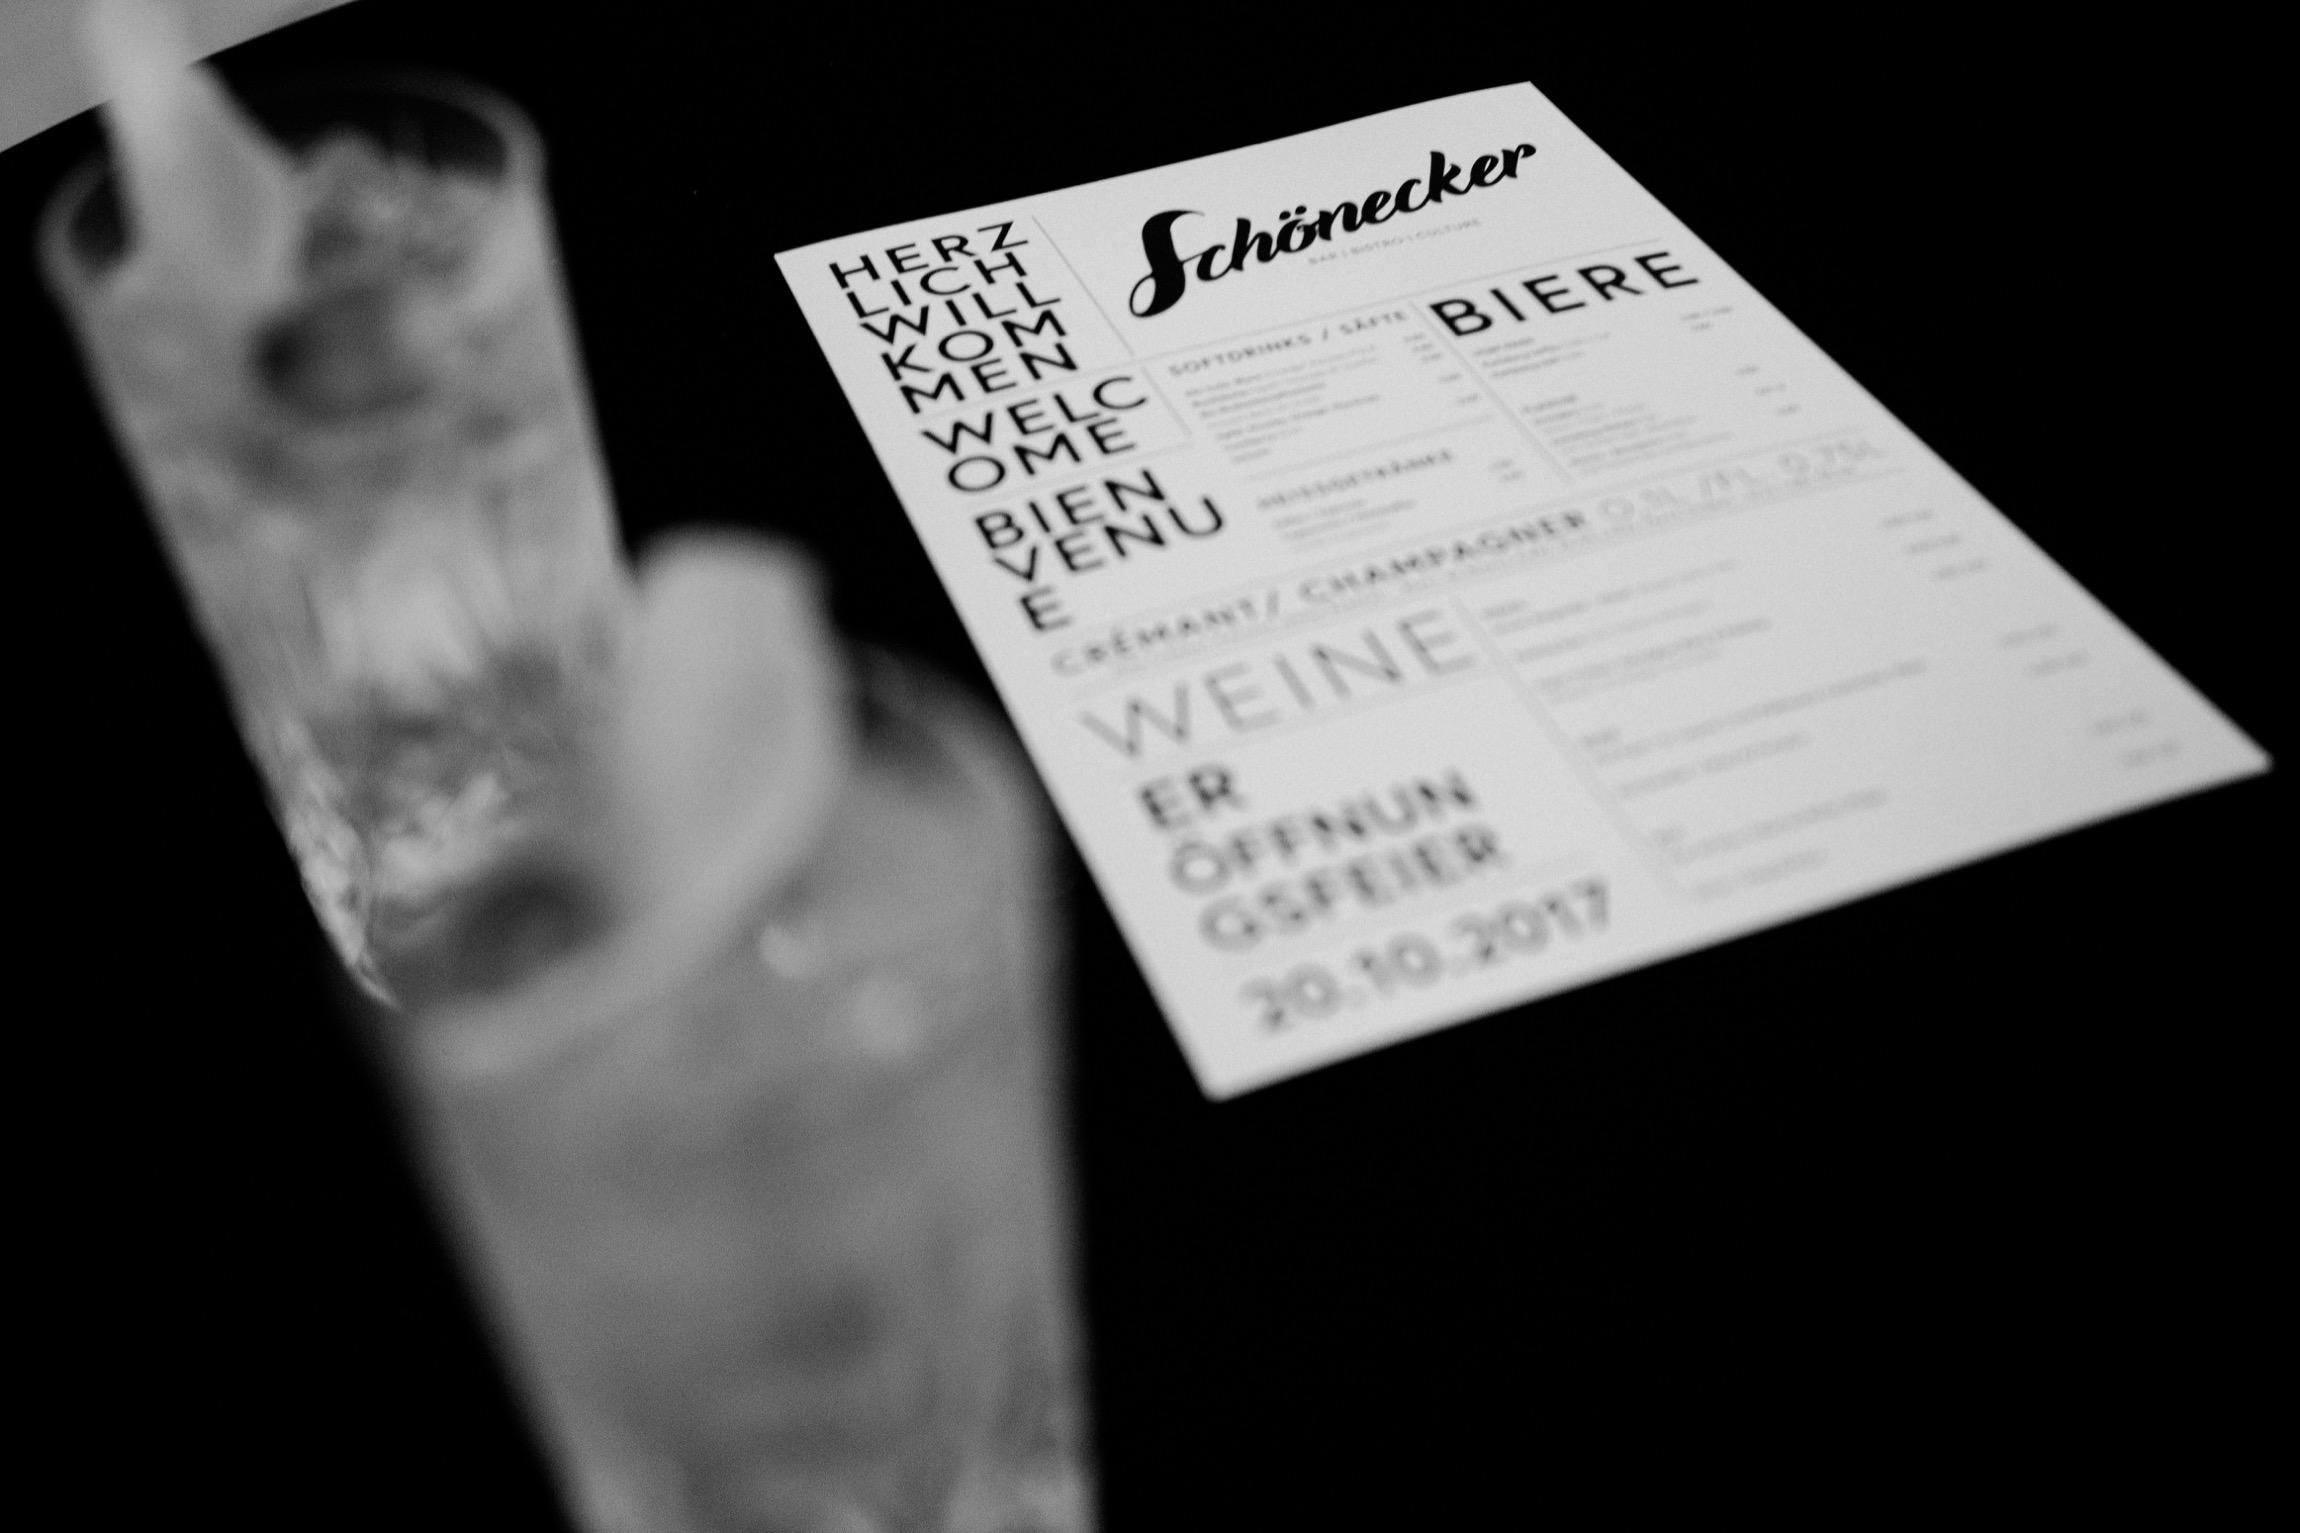 Schönecker Eröffnung - © Benny Dutka